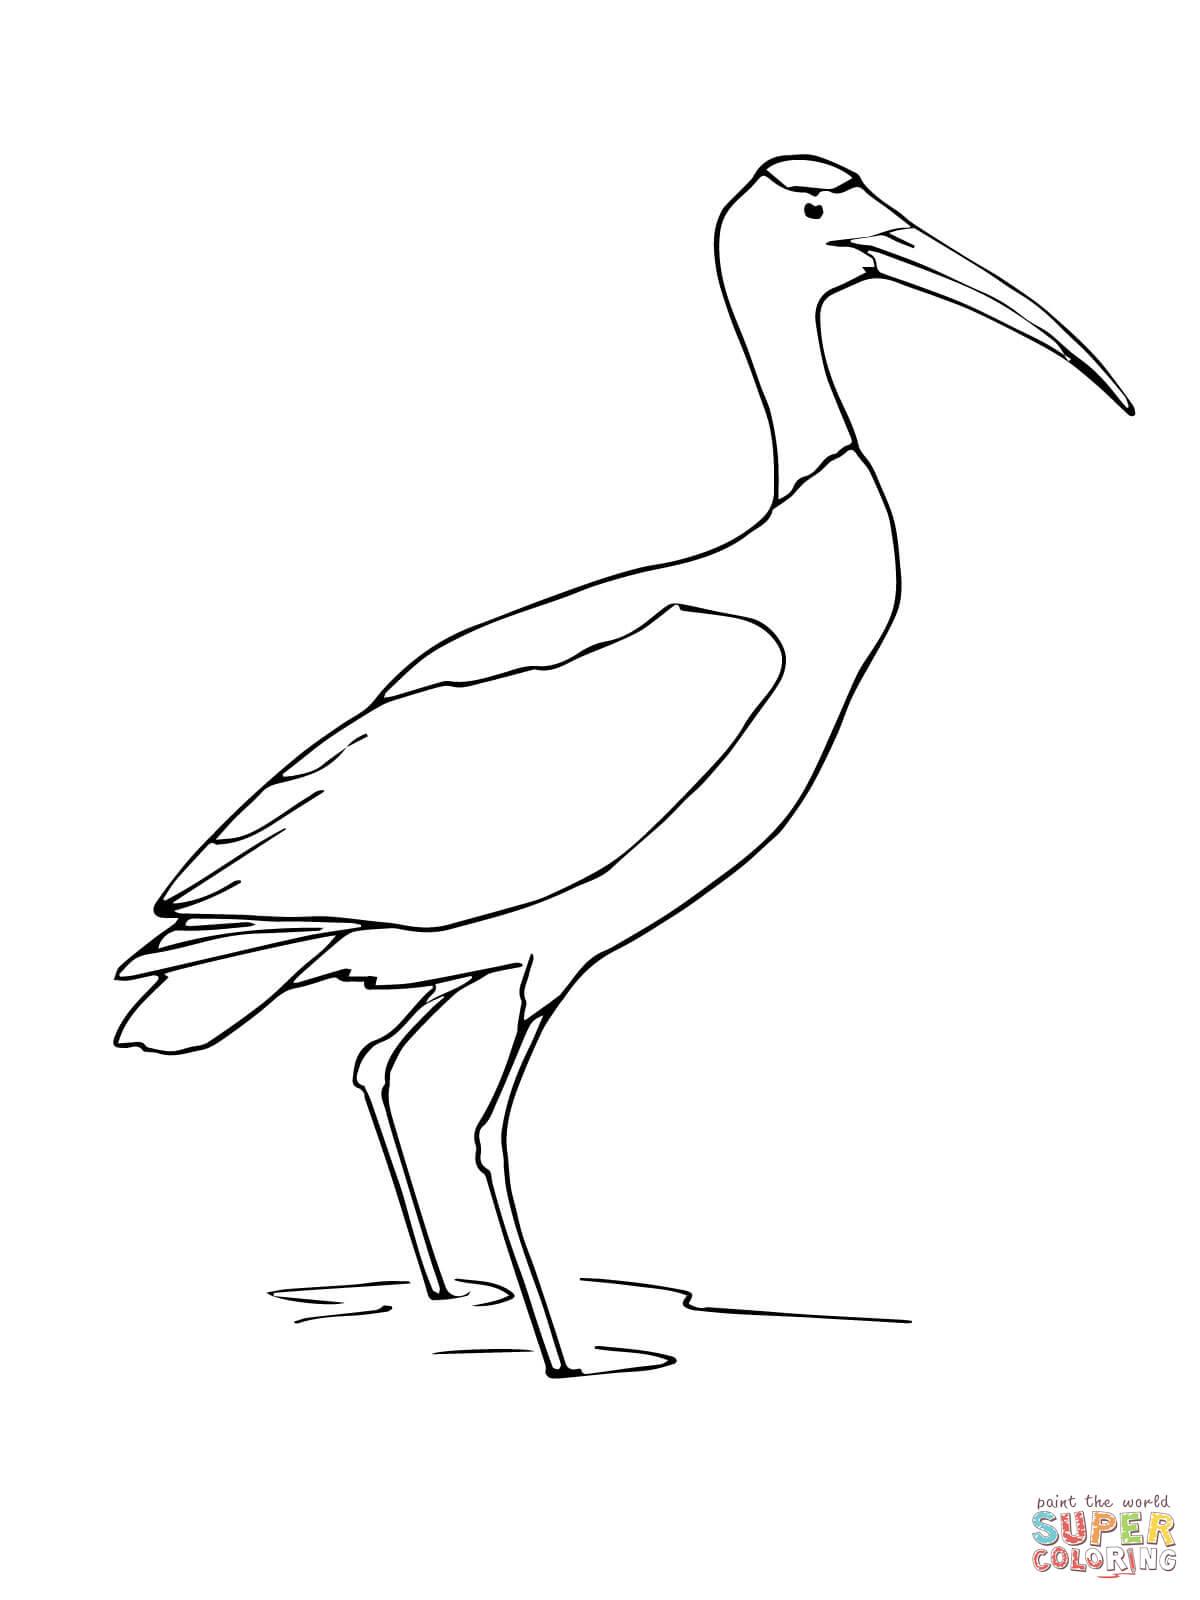 Stork coloring #15, Download drawings